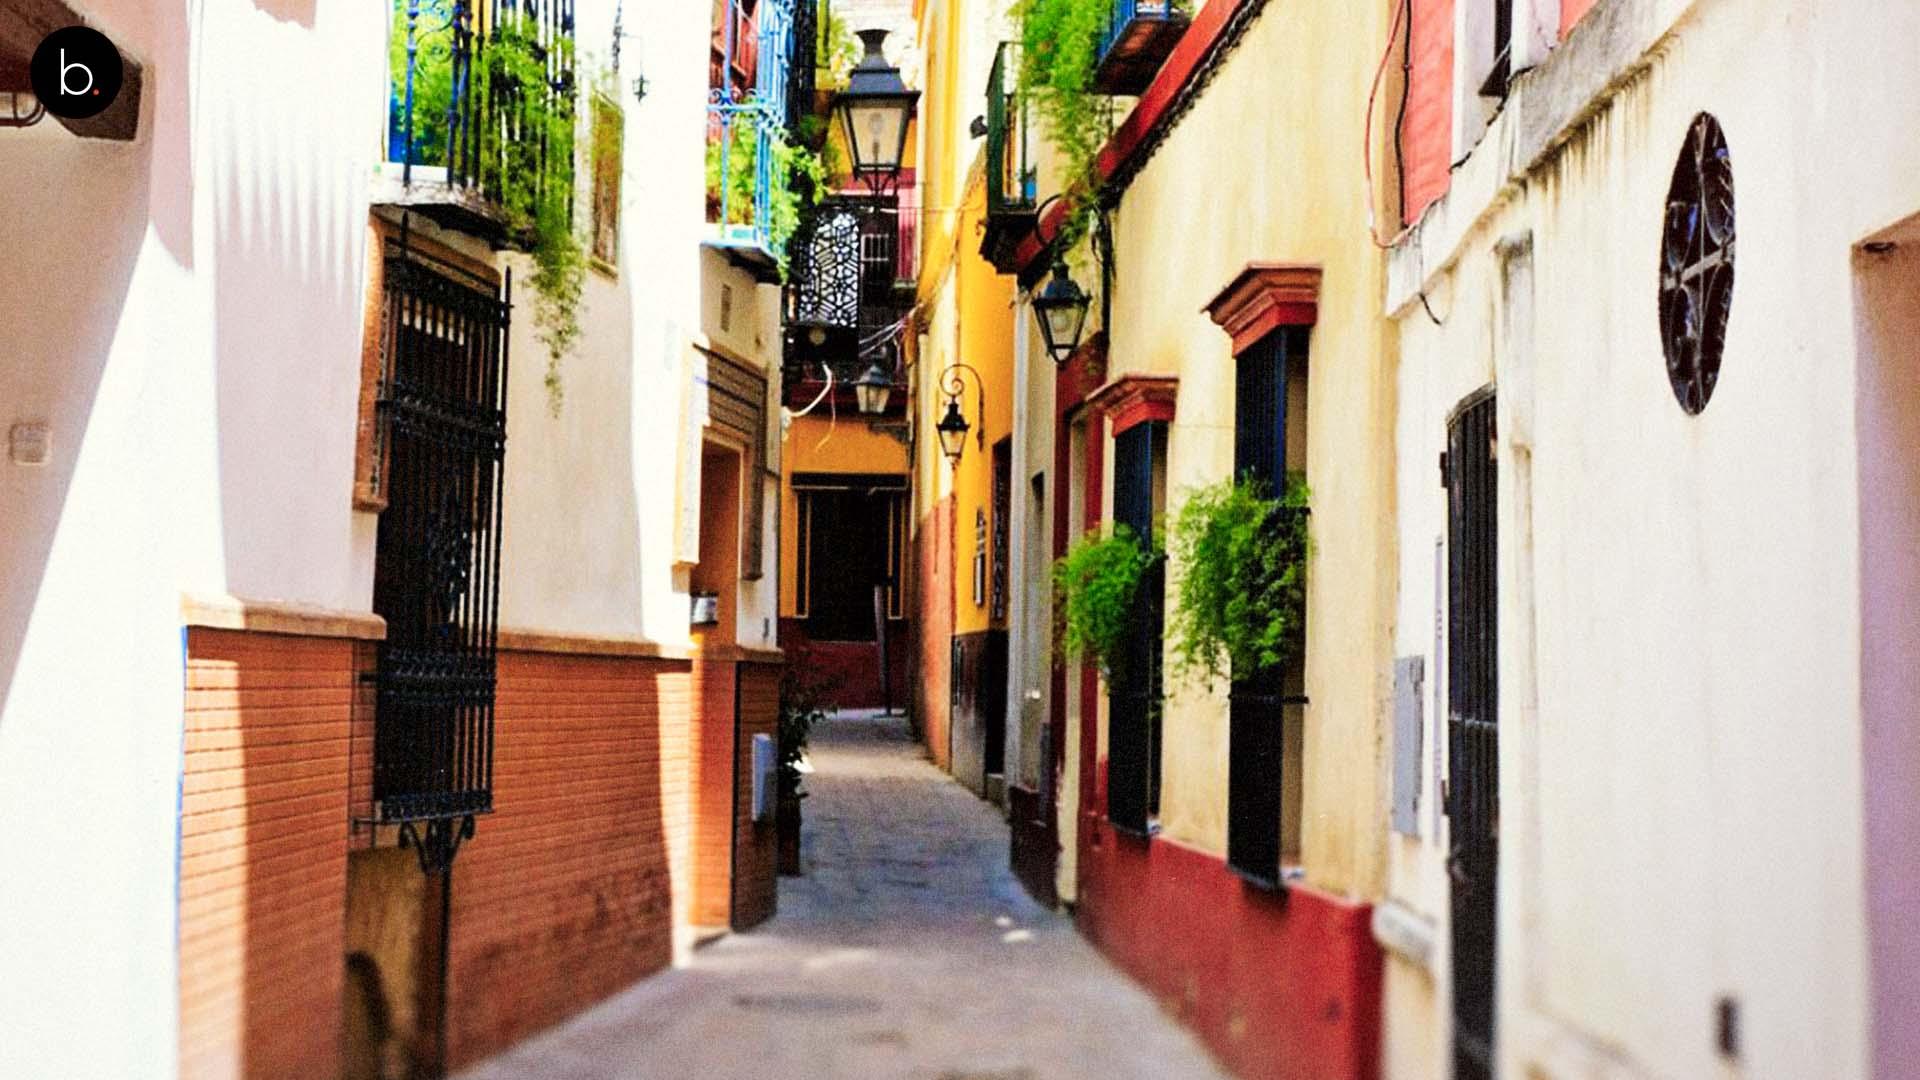 El silencio olvidado de Sevilla